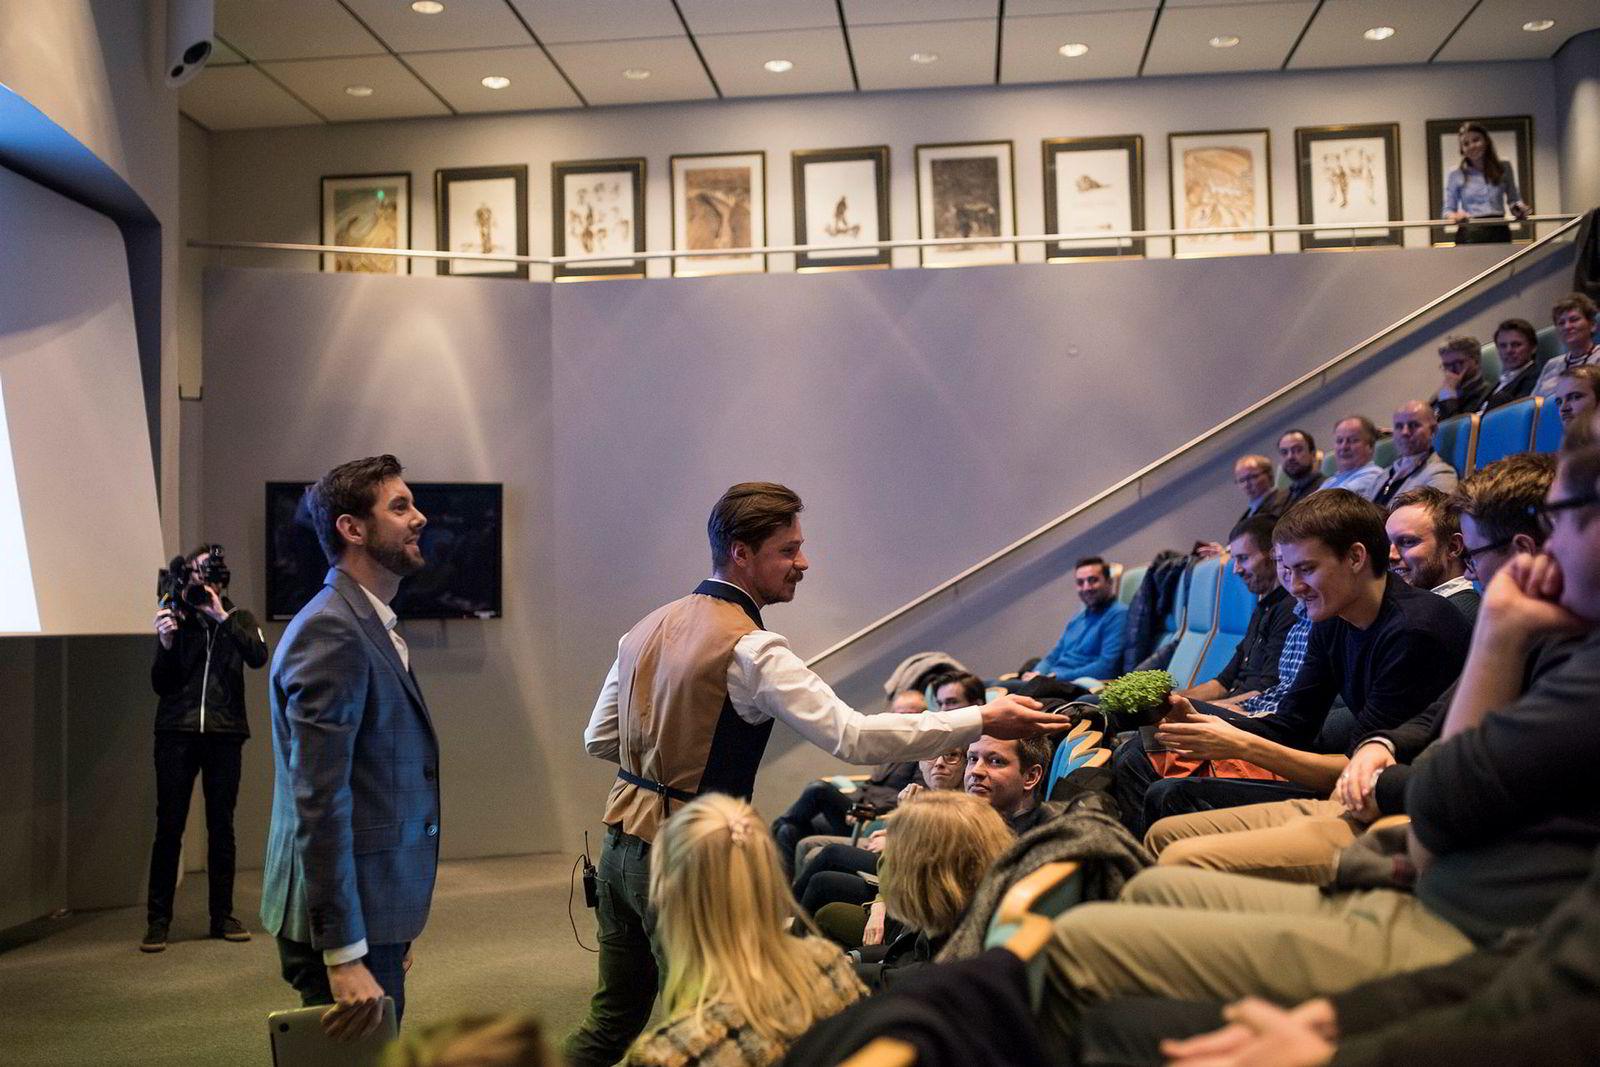 Kamil Slowik (i midten) lar potensielle investorer smake på produktene under en investorpresentasjon i regi av SR-Bank. Til venstre står gründerhjelper Magnus Meisal.